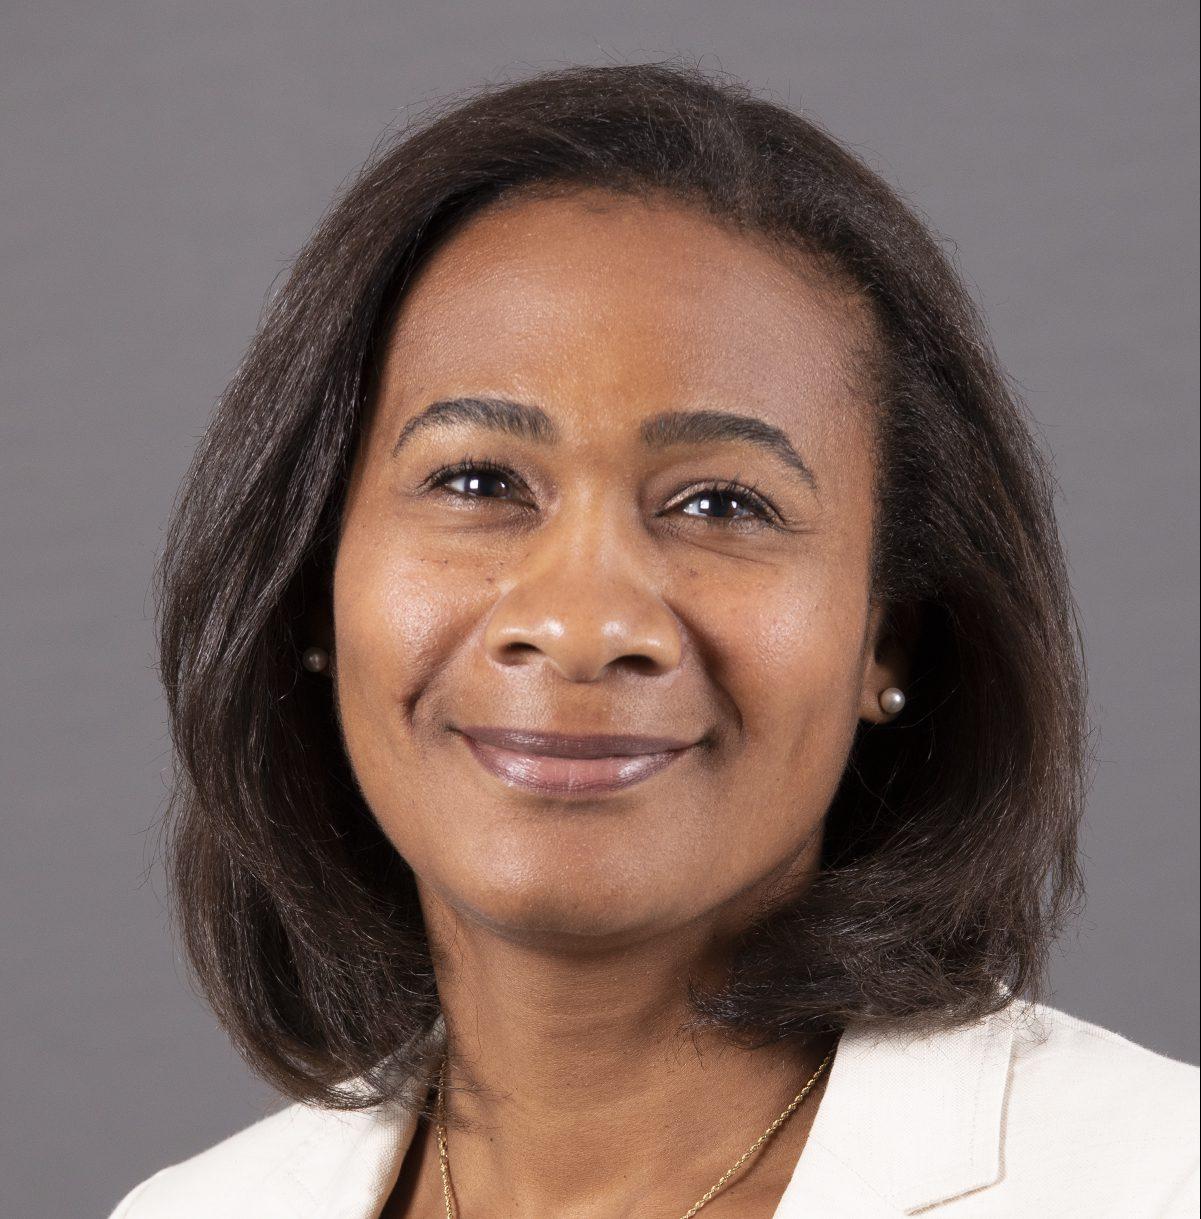 Dr. Nicole Gormley